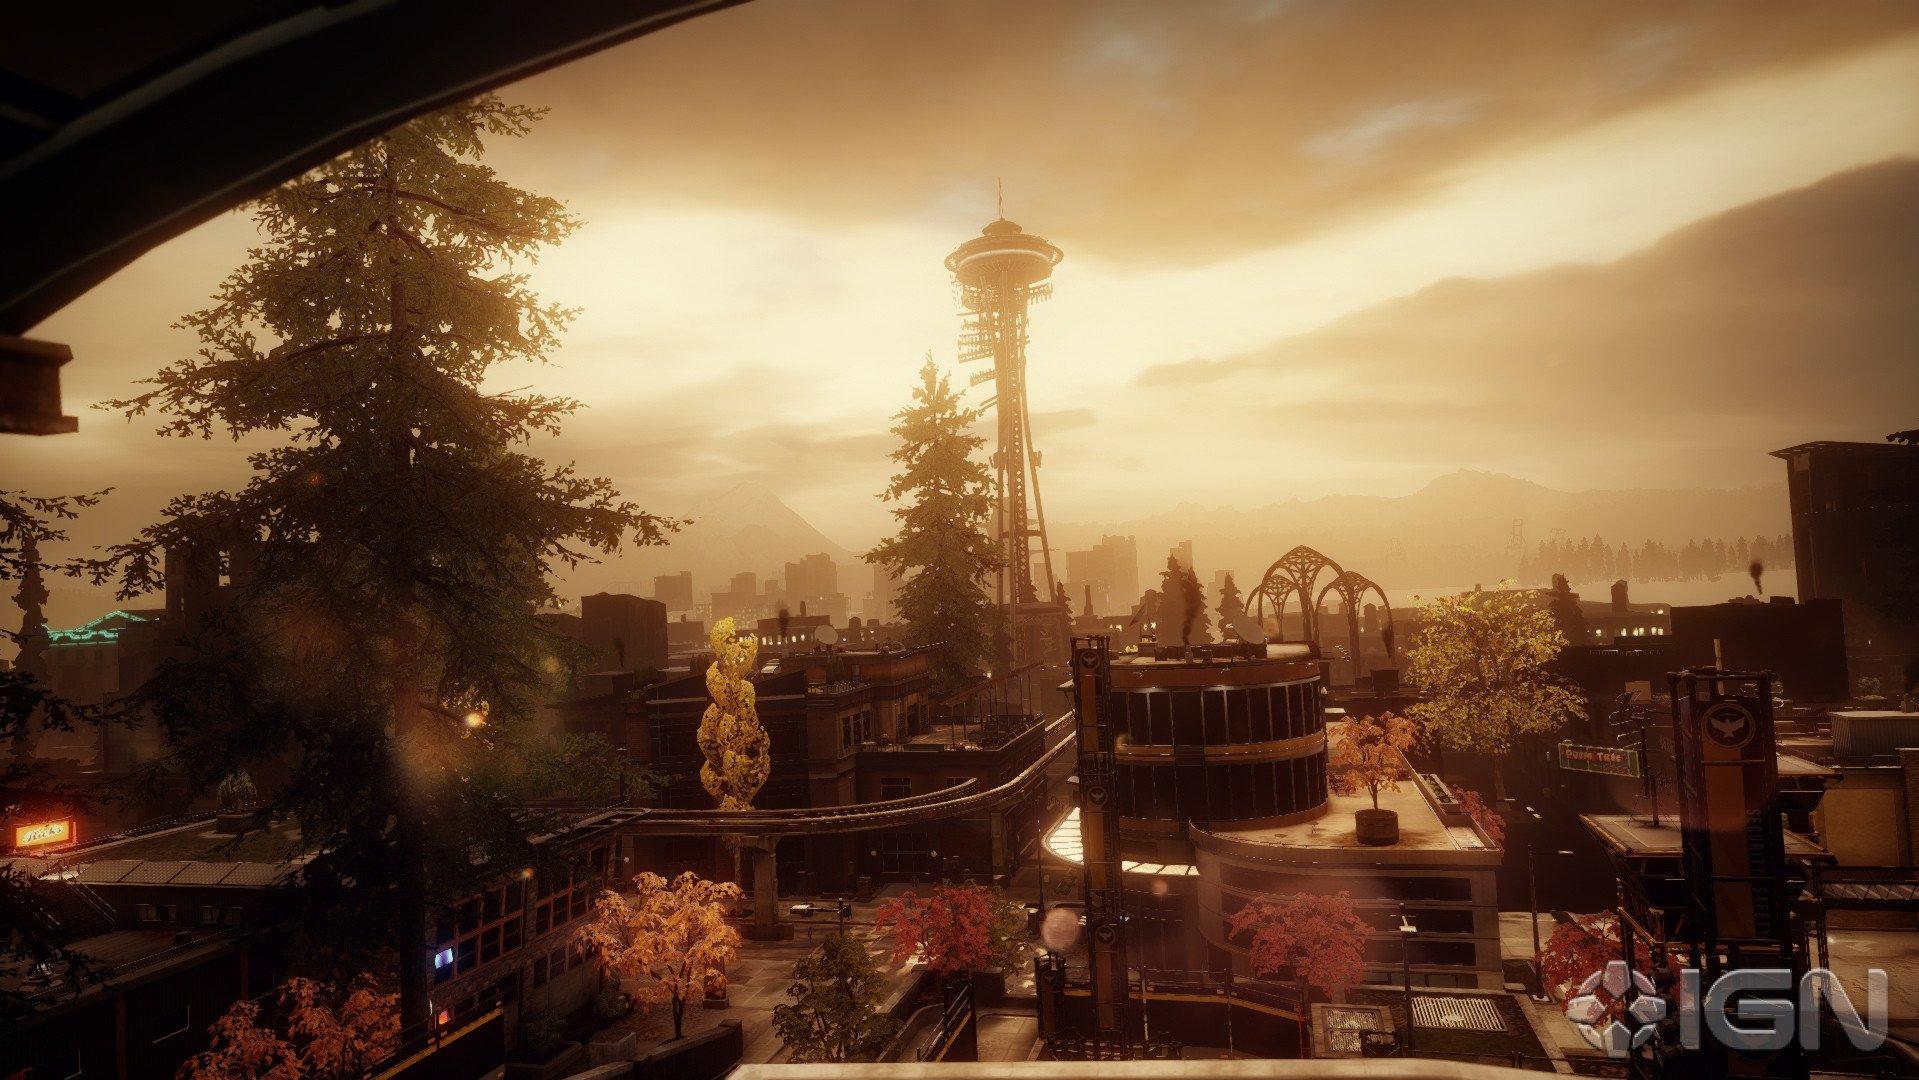 Портал IGN опубликовал несколько новых скриншотов с различными локациями грядущего приключенческого боевика InFamous ... - Изображение 2